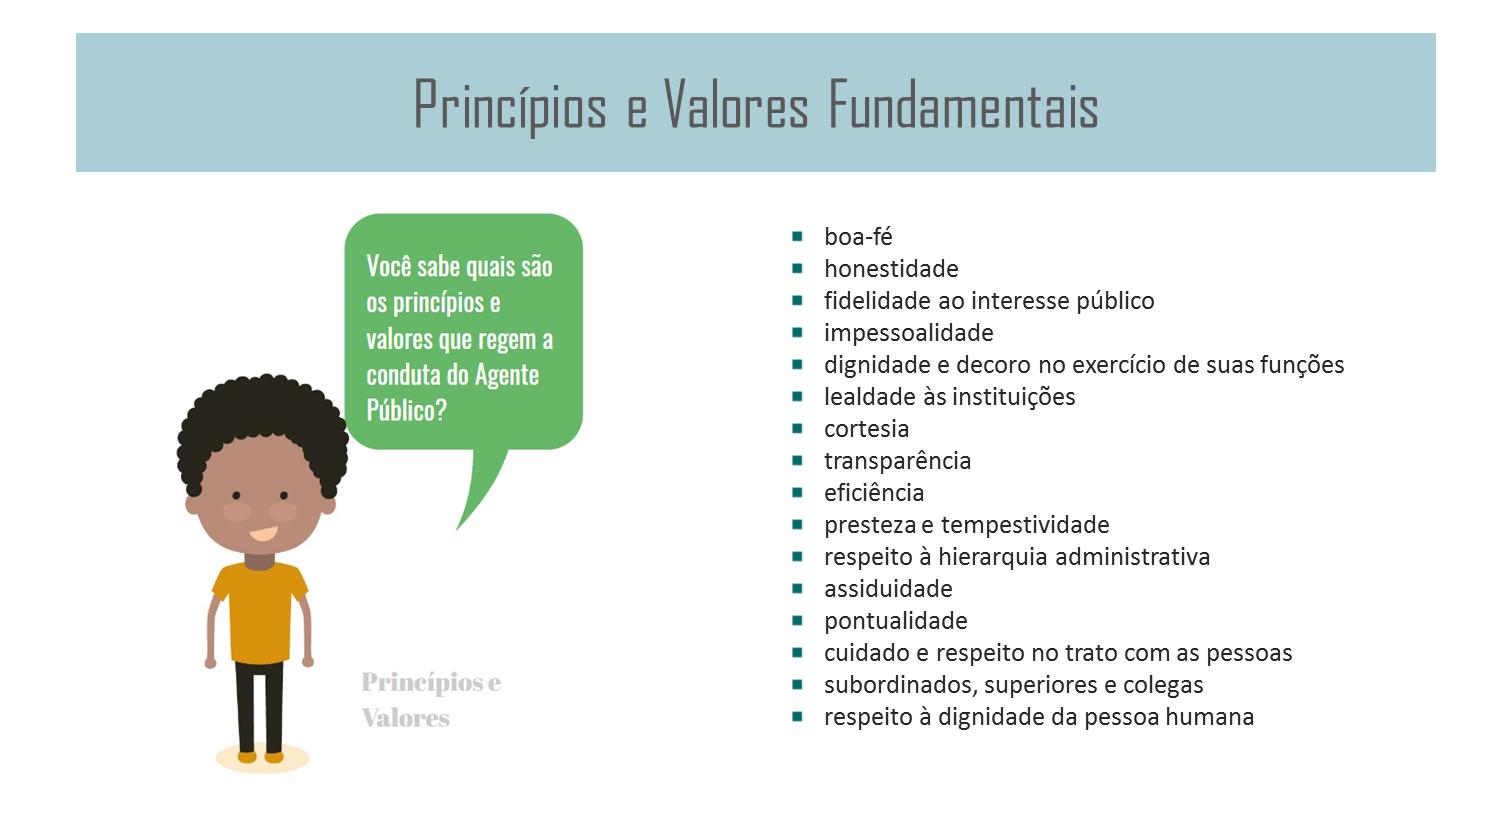 Princípios e Valores Fundamentais